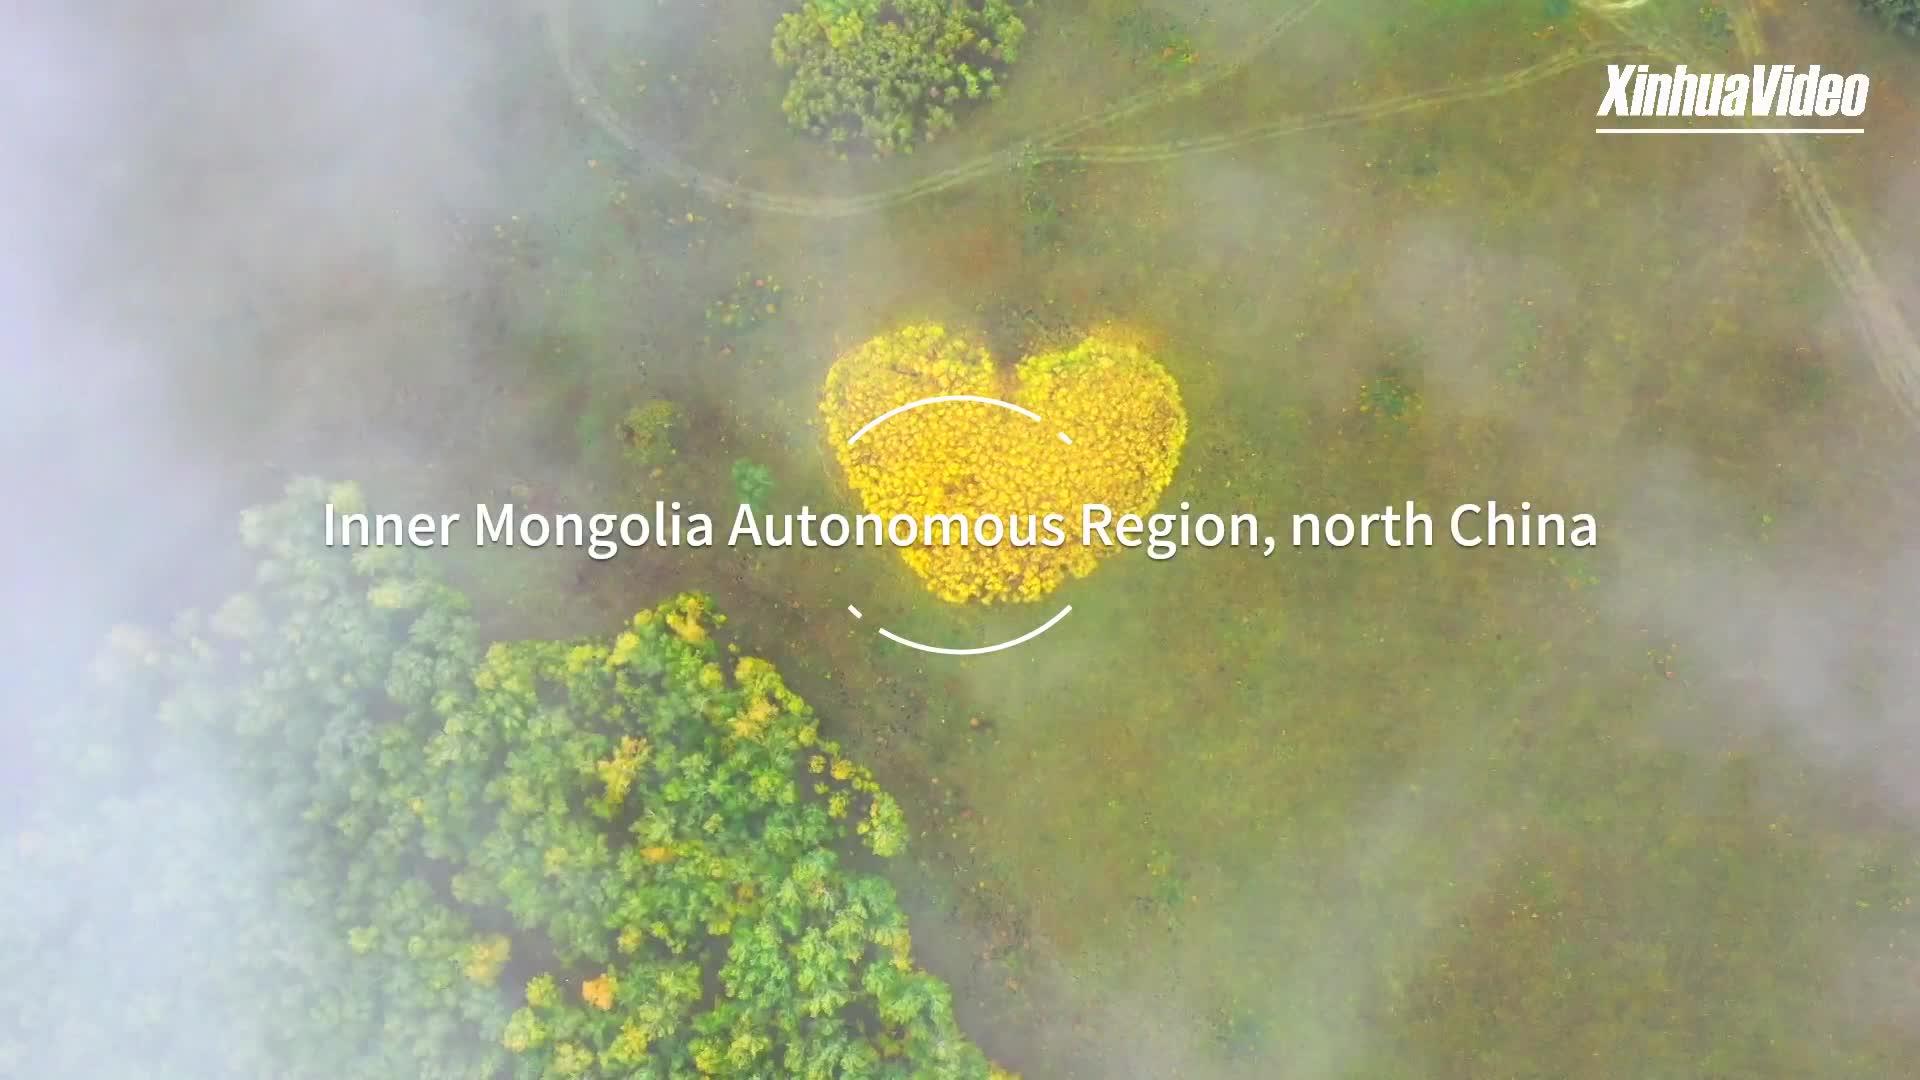 Deslumbrante vista aérea do norte da China